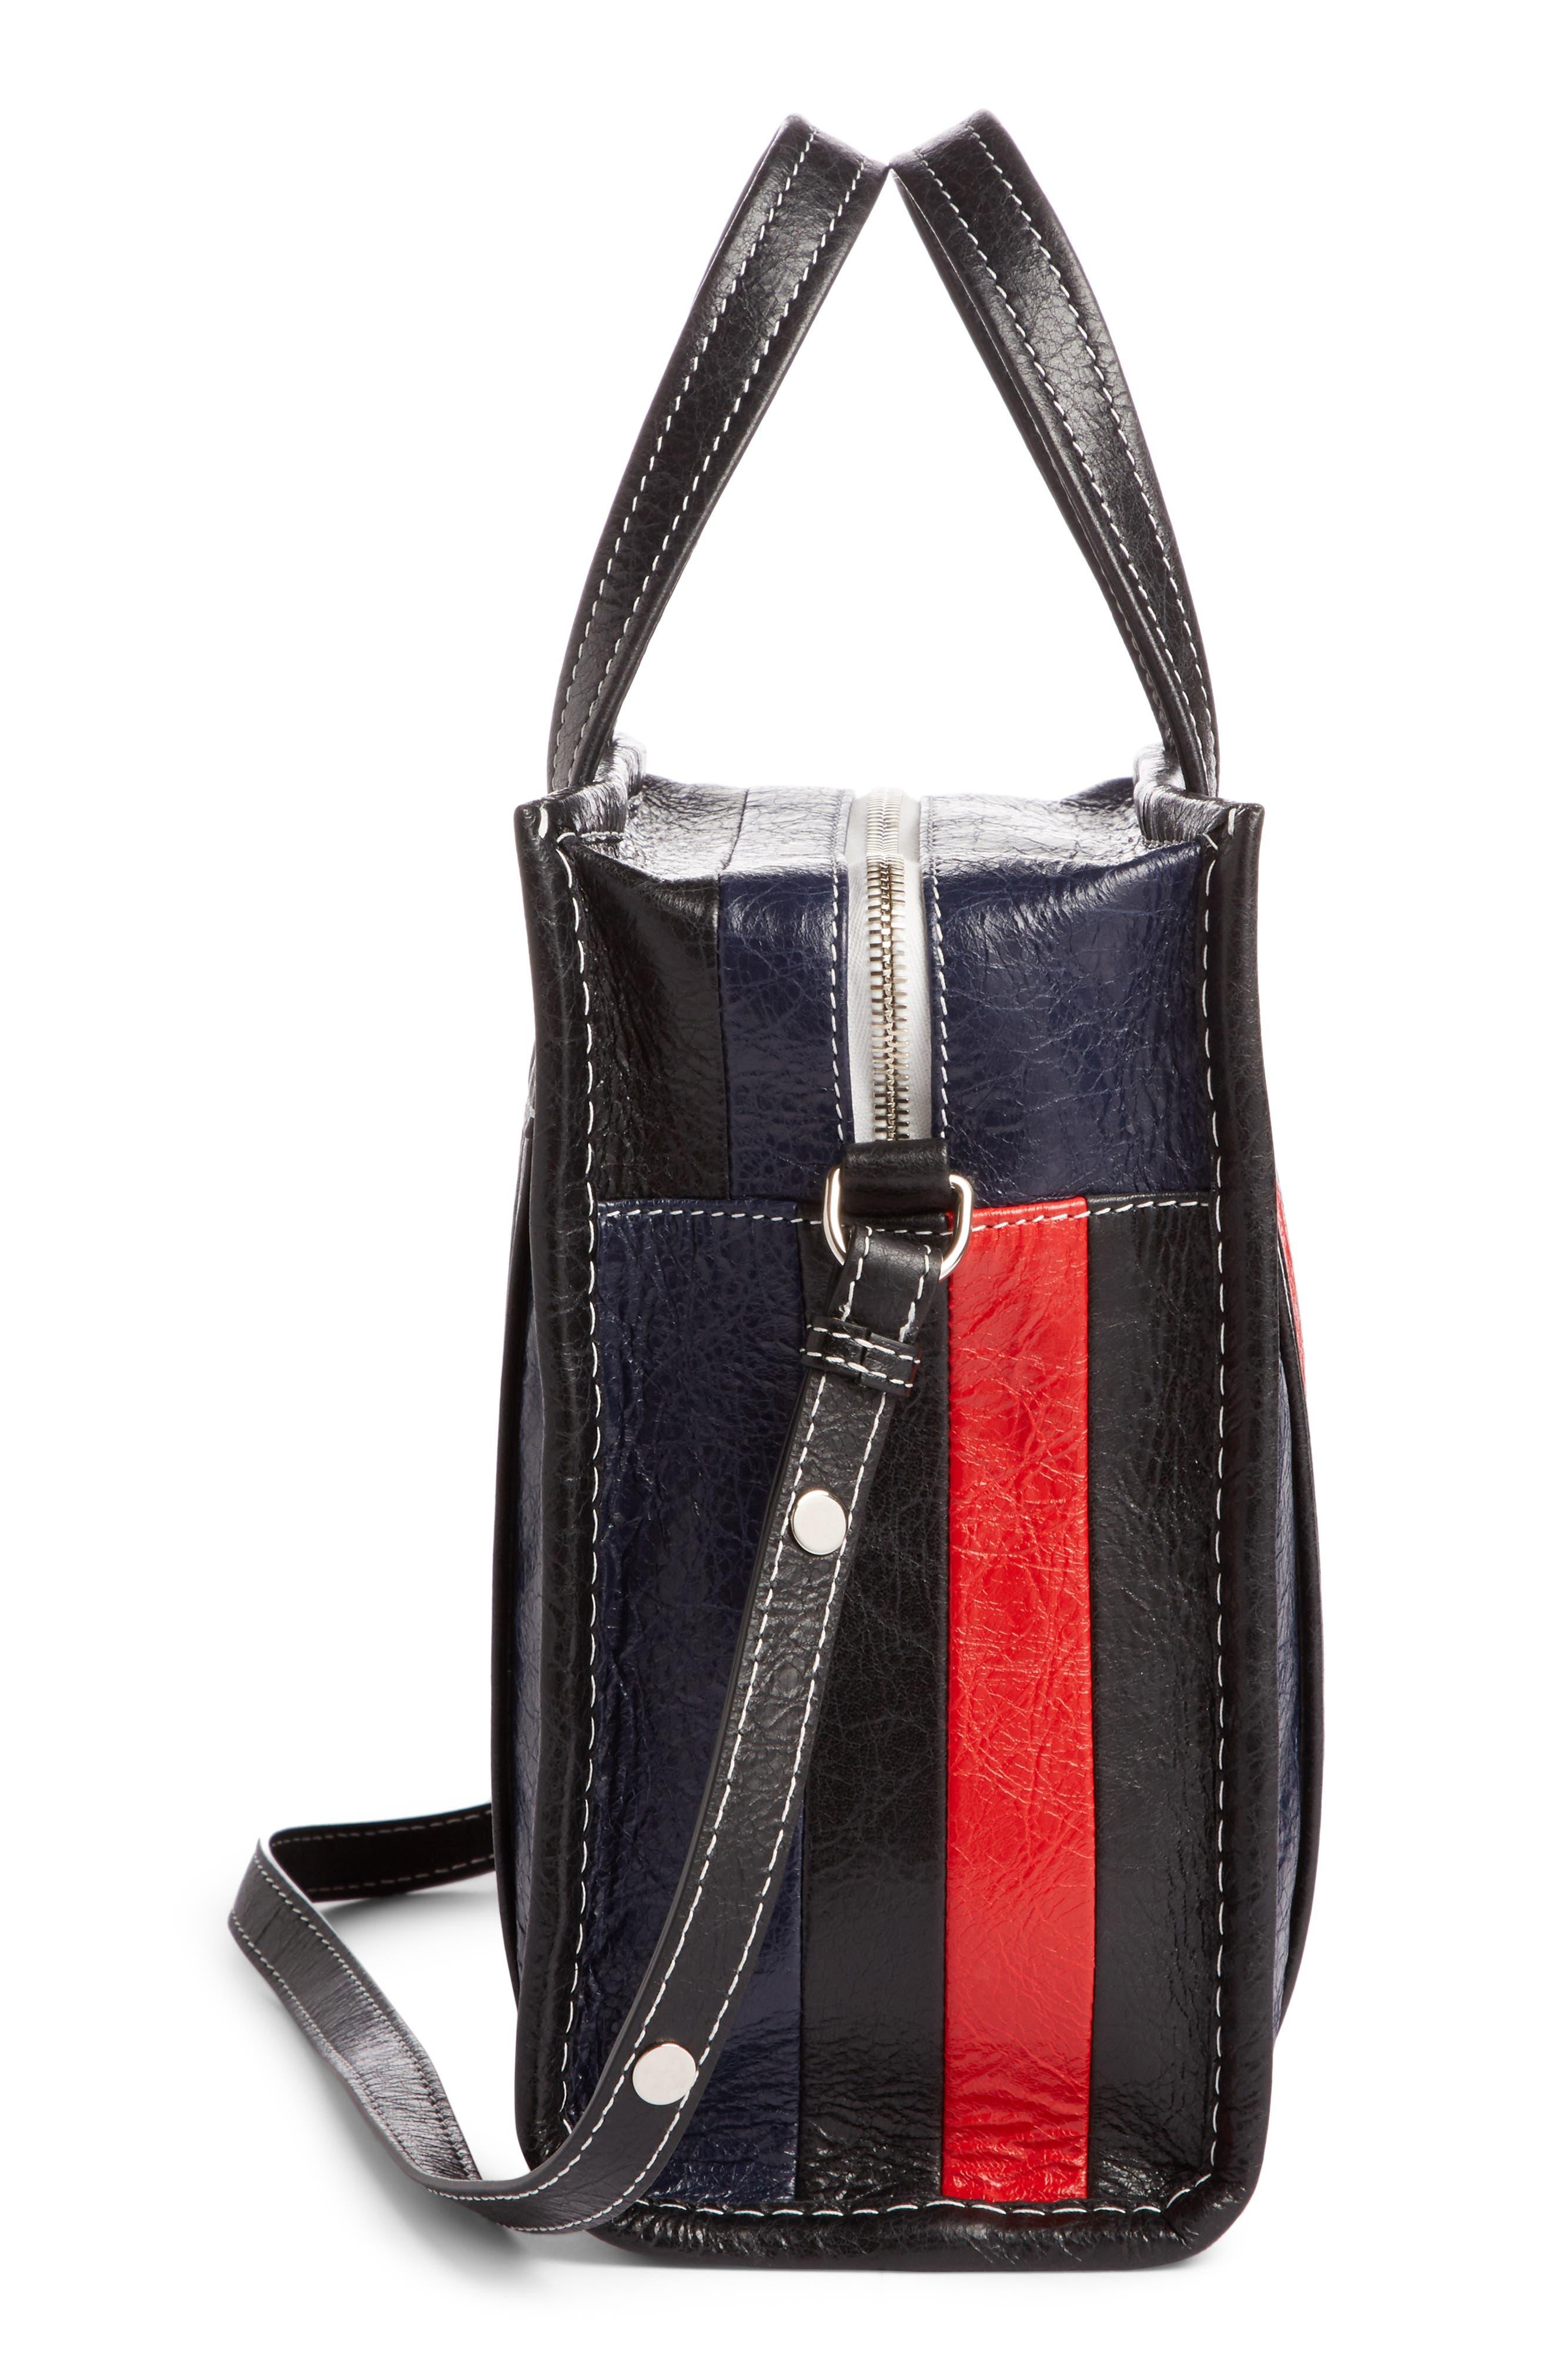 Small Bazar Leather Shopper,                             Alternate thumbnail 3, color,                             Bleu Mar/ Rouge/ Noir